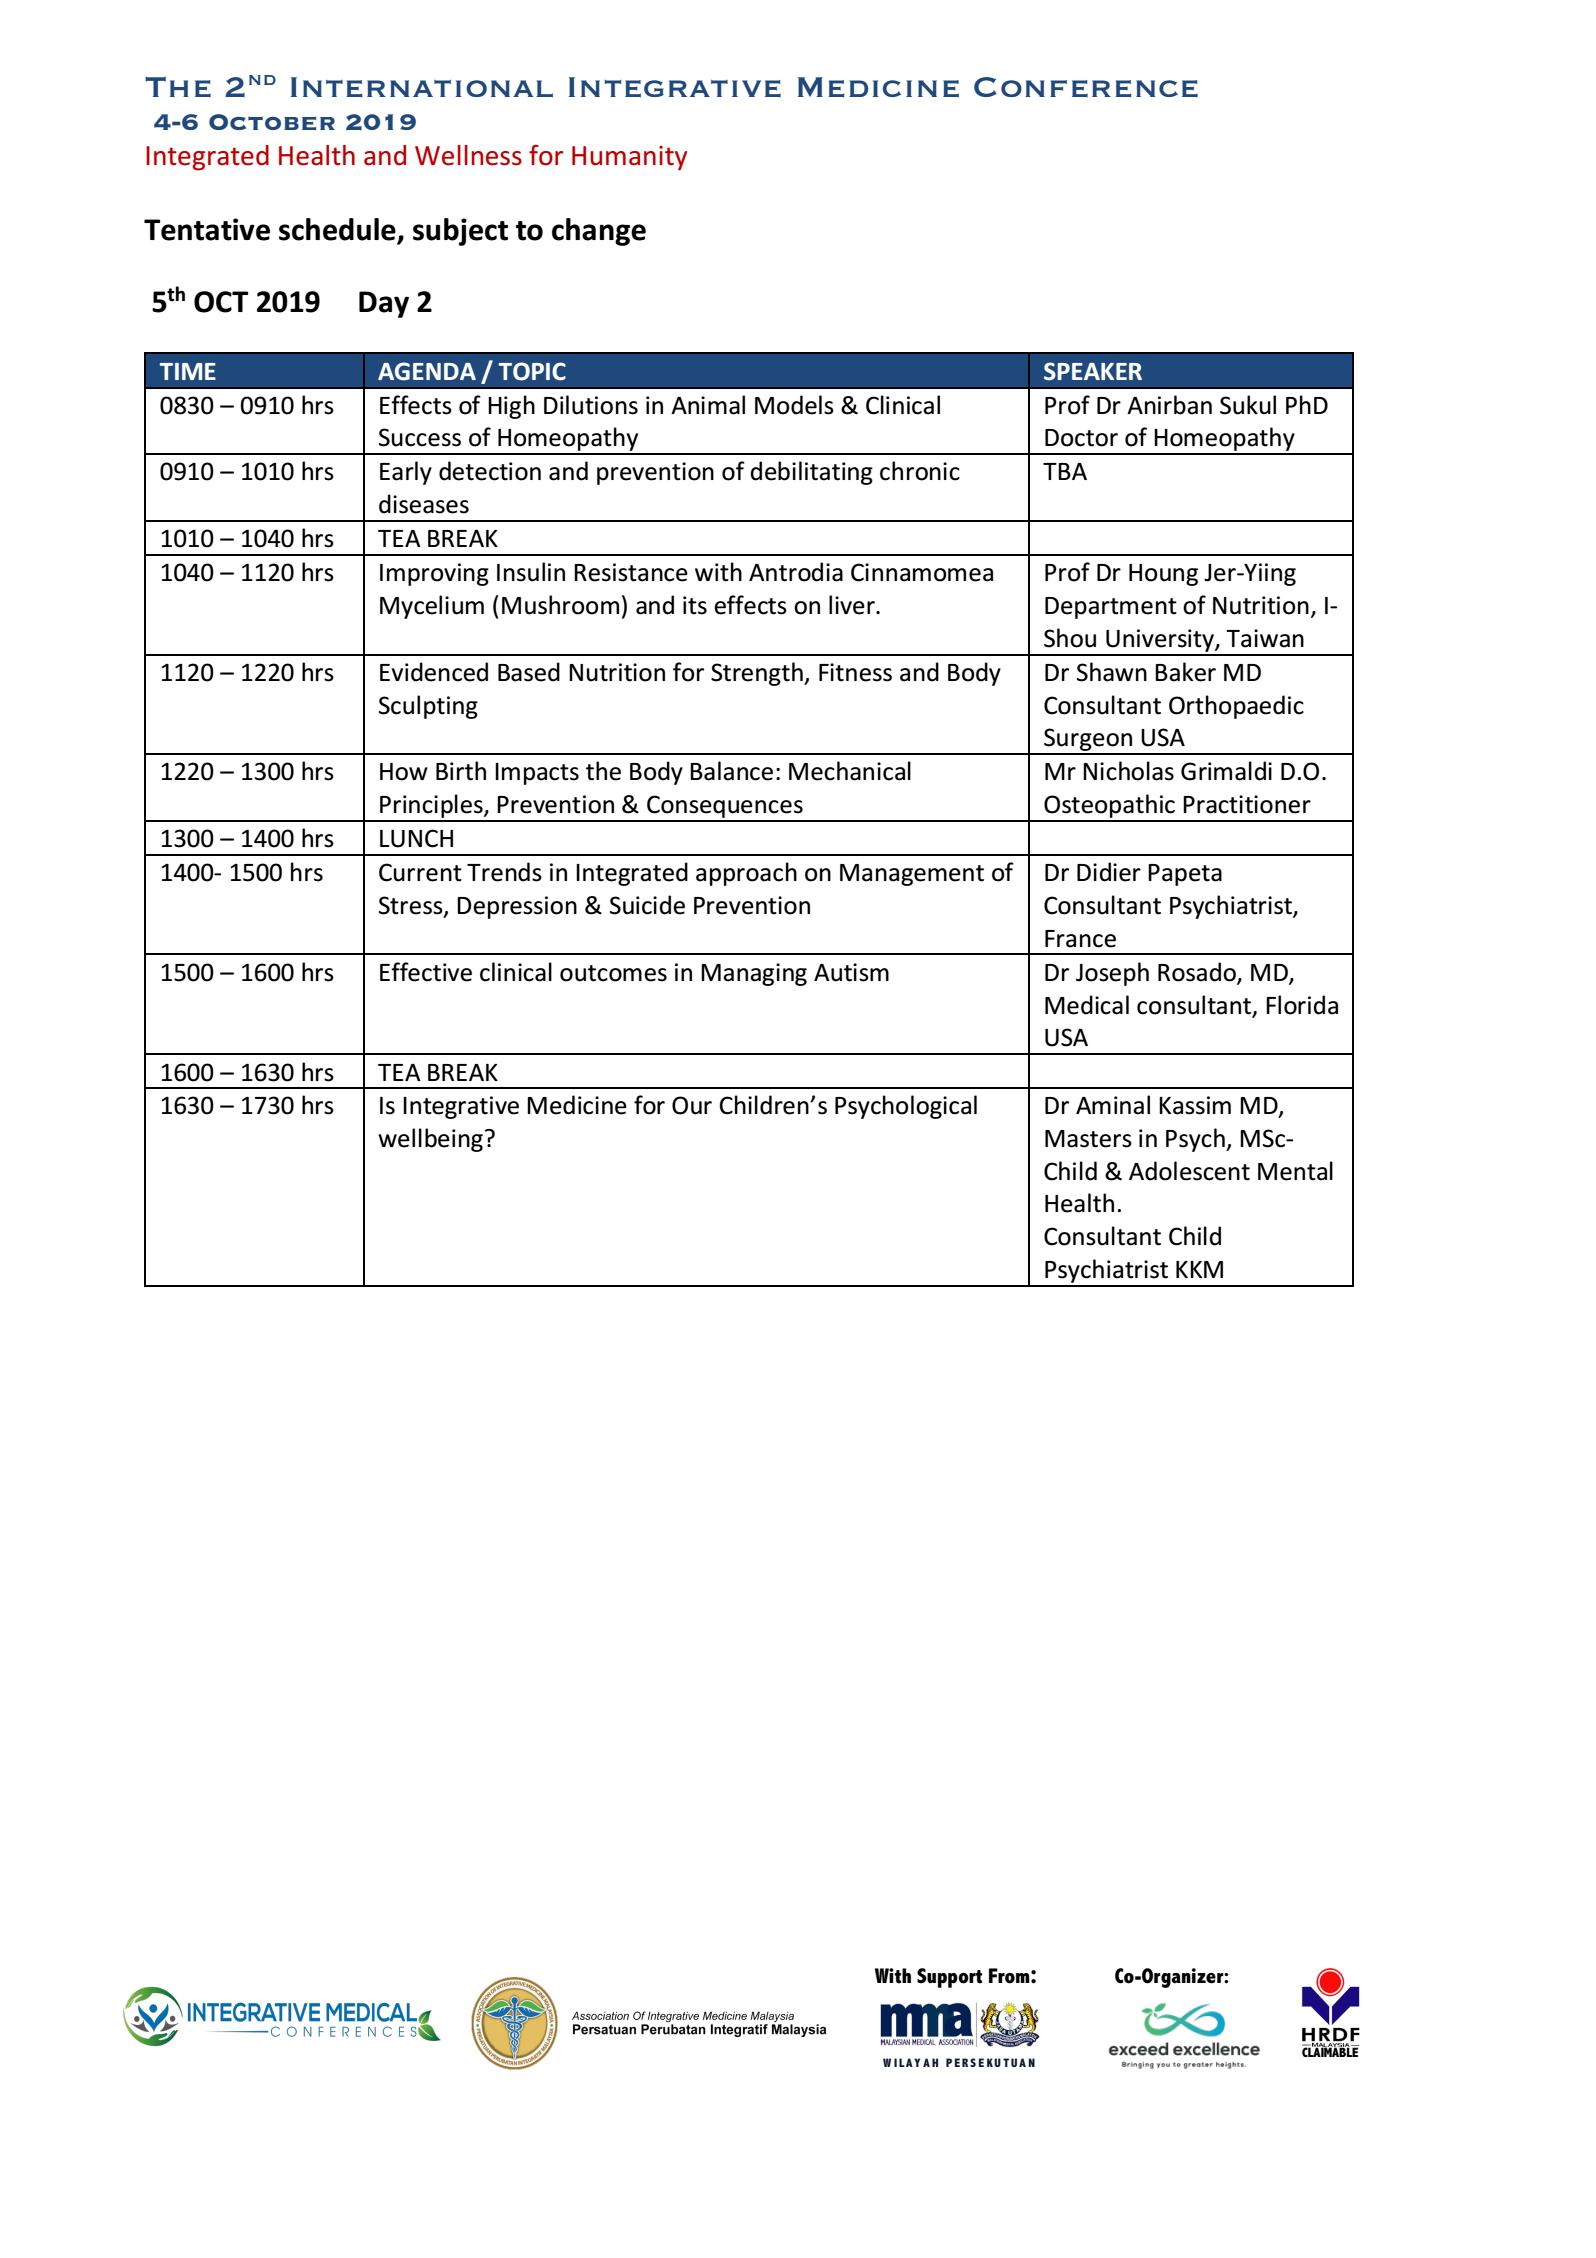 Program for 2019 Oct 5 2nd IIIMC